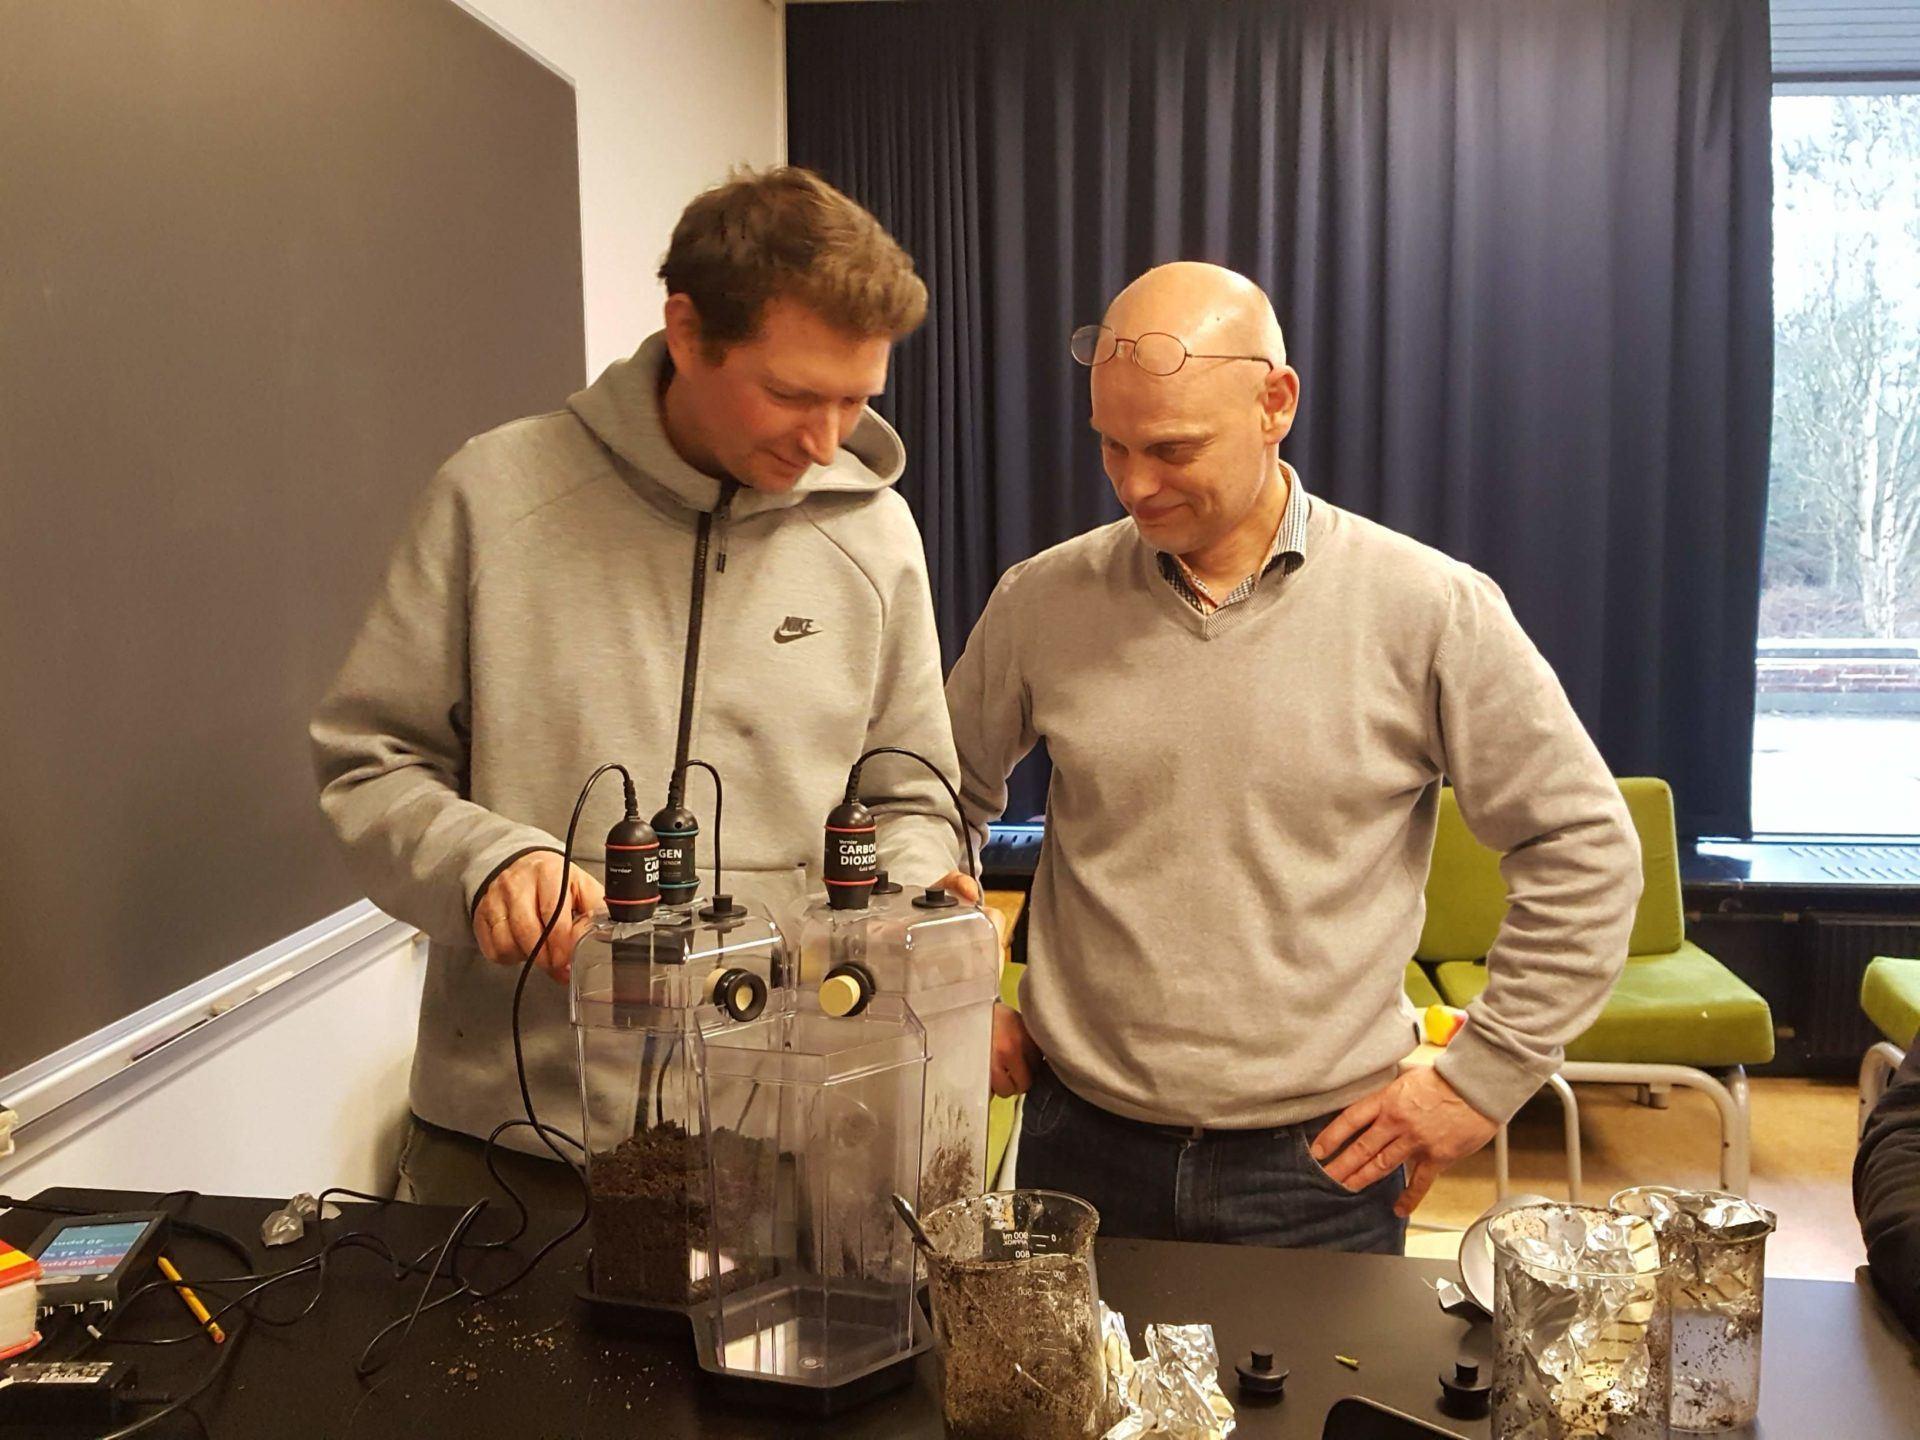 Novo Nordisk fondsmidler til Grenaa Gymnasium